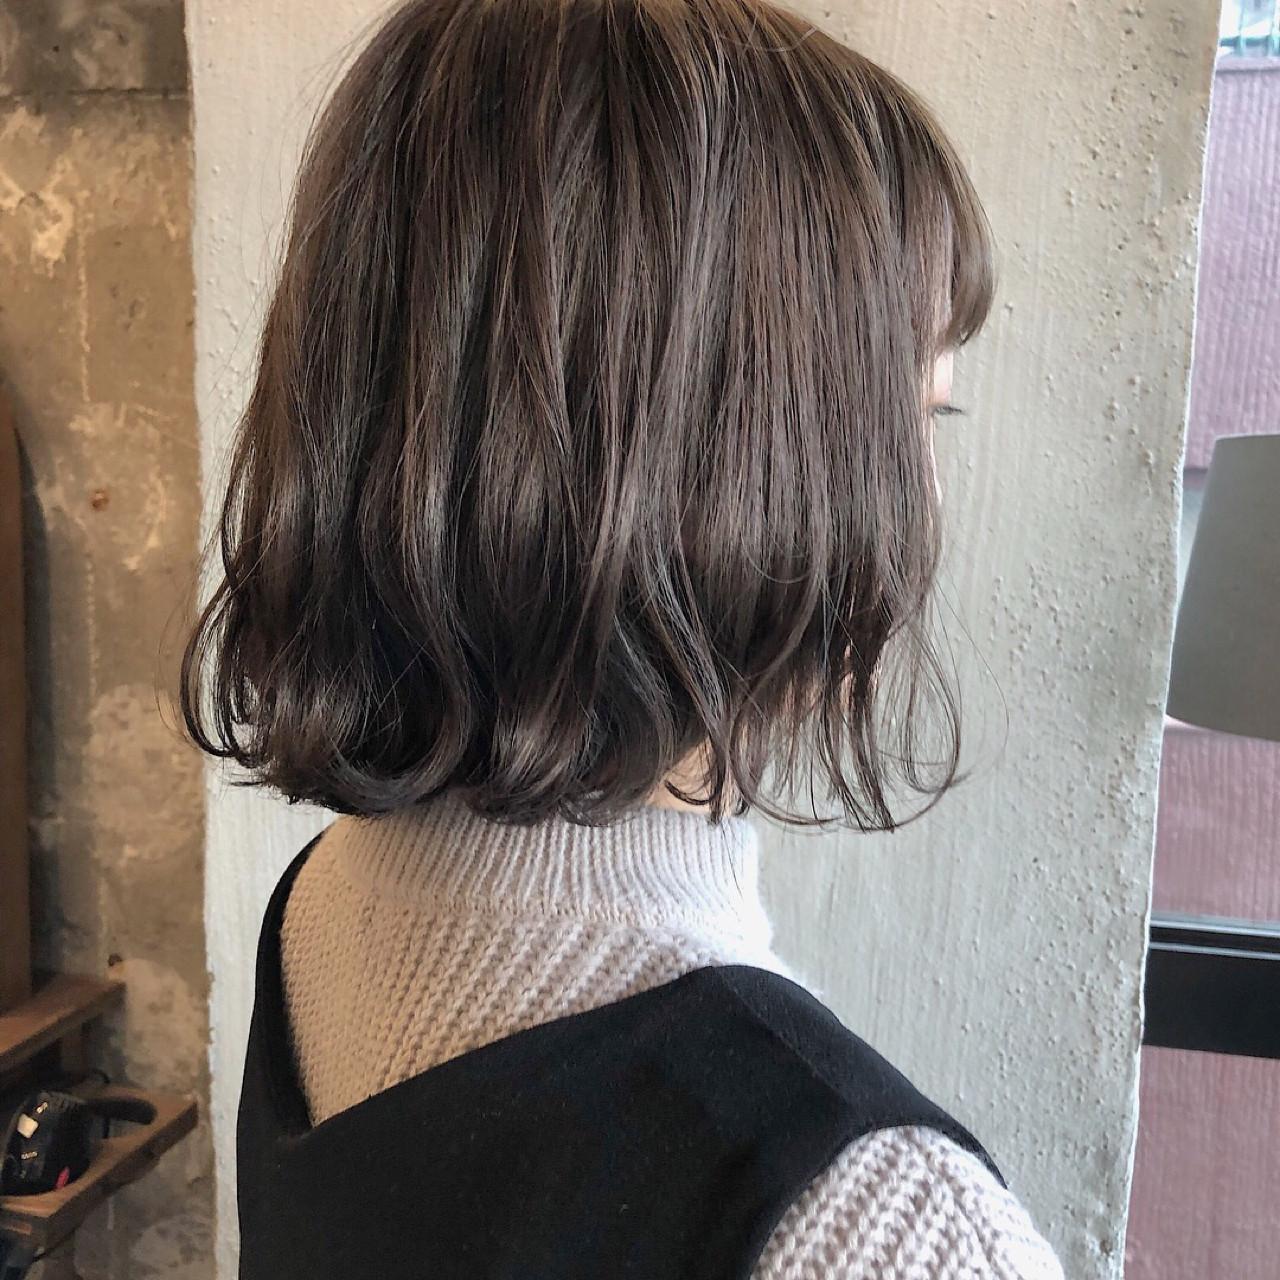 オフィス デート ナチュラル エフォートレス ヘアスタイルや髪型の写真・画像 | 冨永 真太郎 / 人トナリ